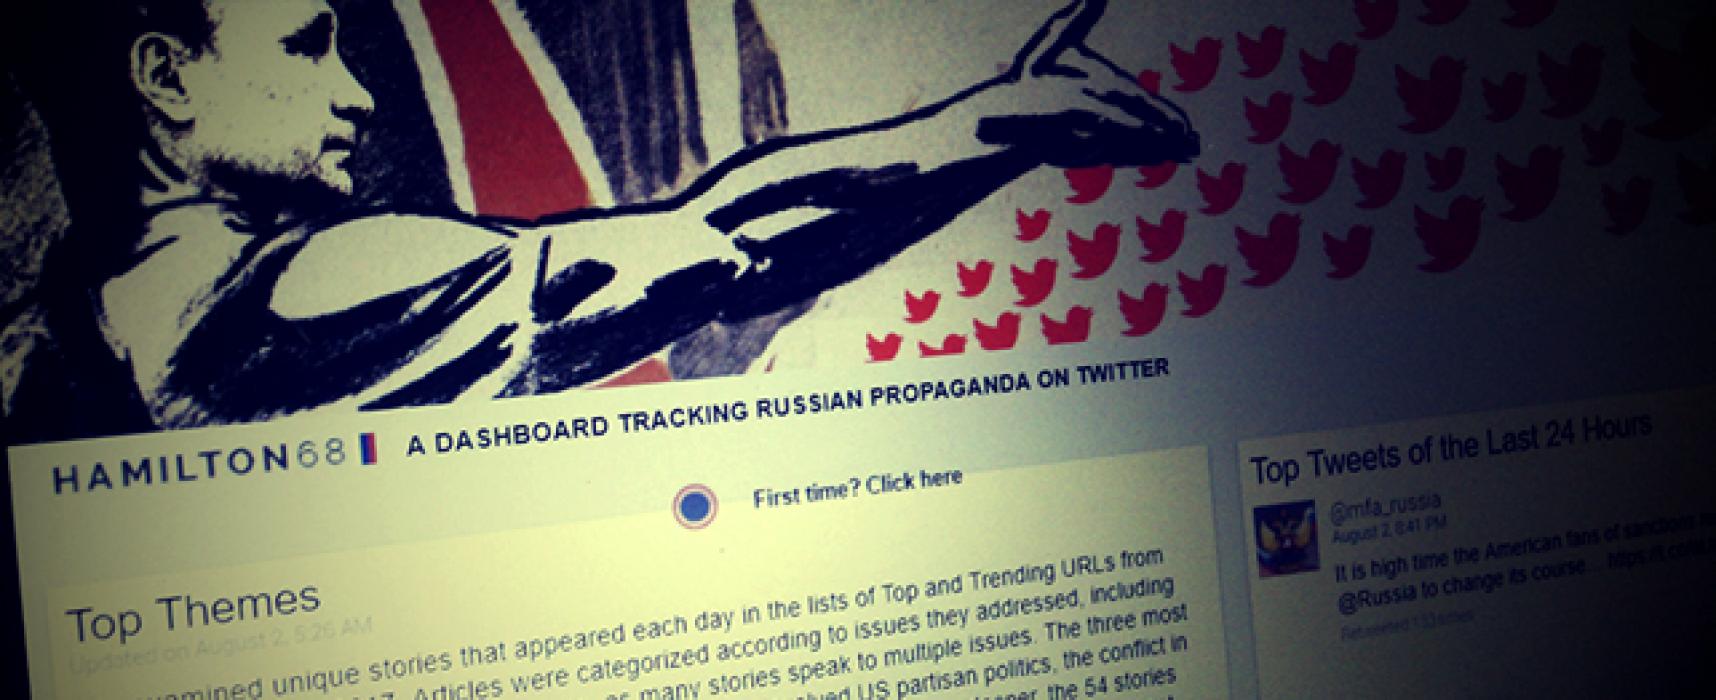 В САЩ стартира платформата Hamilton 68 за мониторинг на руската пропаганда в Twitter